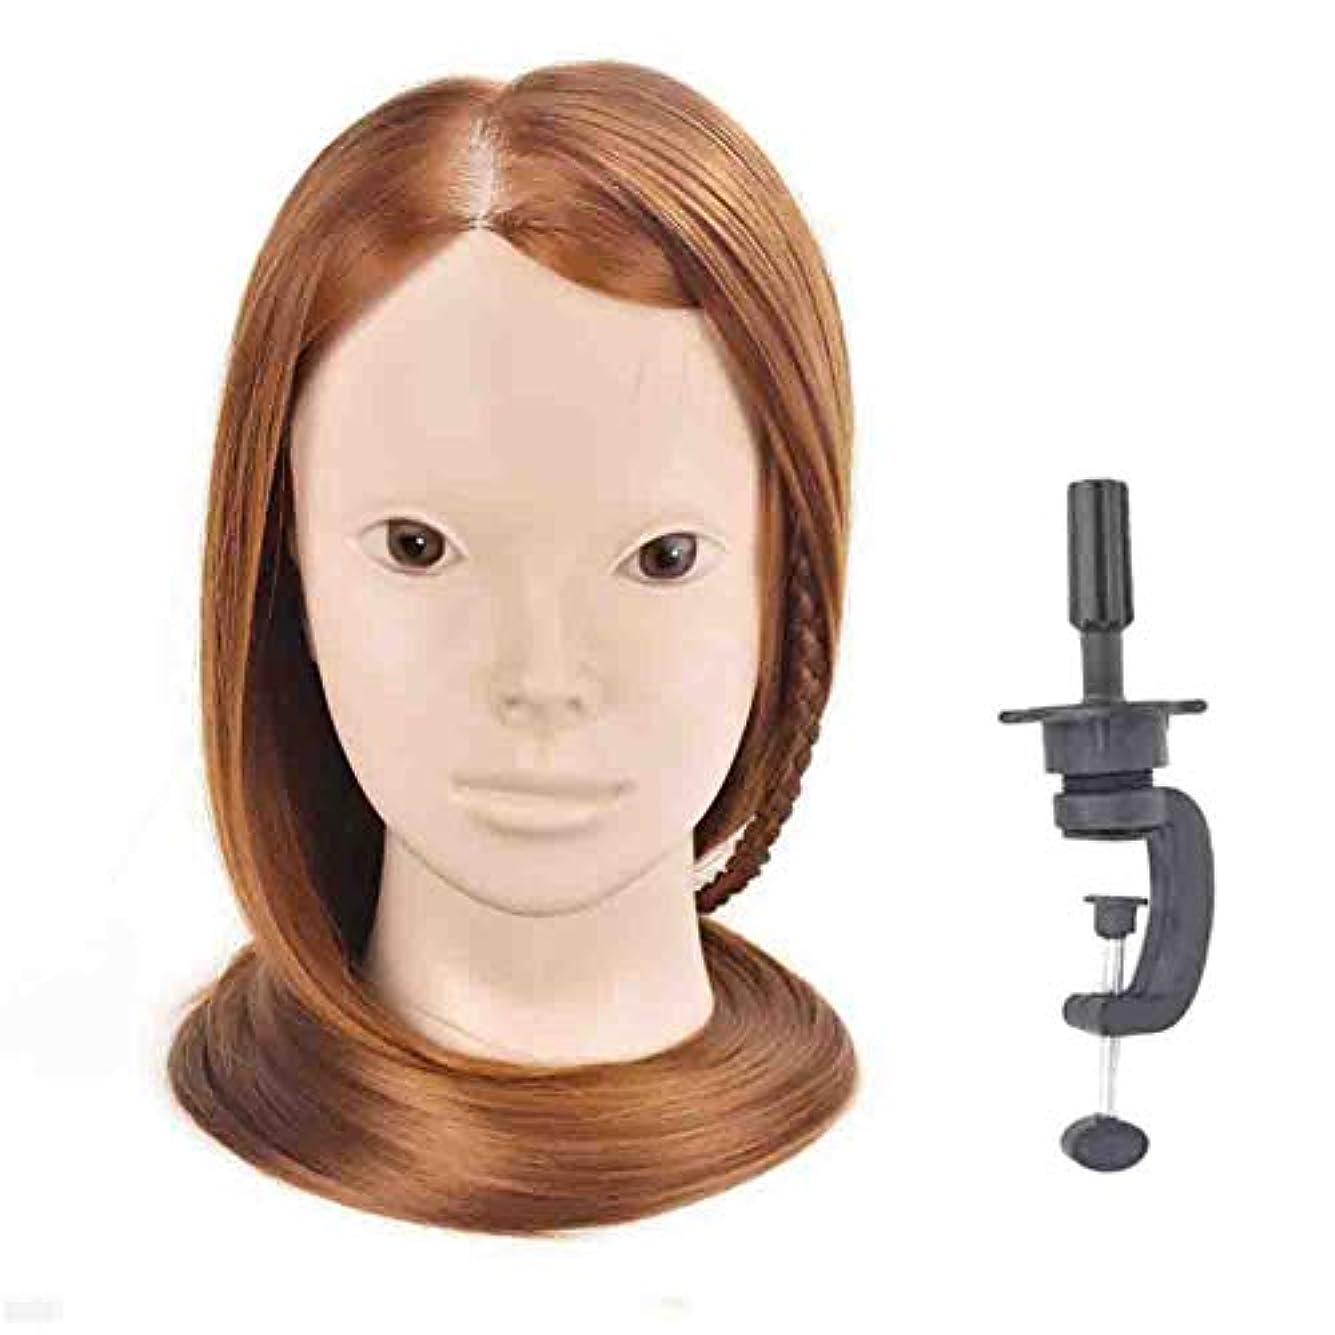 顕現プレーヤー想像力豊かなは、花嫁の髪編組ひも学習ヘッドモデル理髪モデルヘッド理髪サロン散髪ダミー練習ヘッド